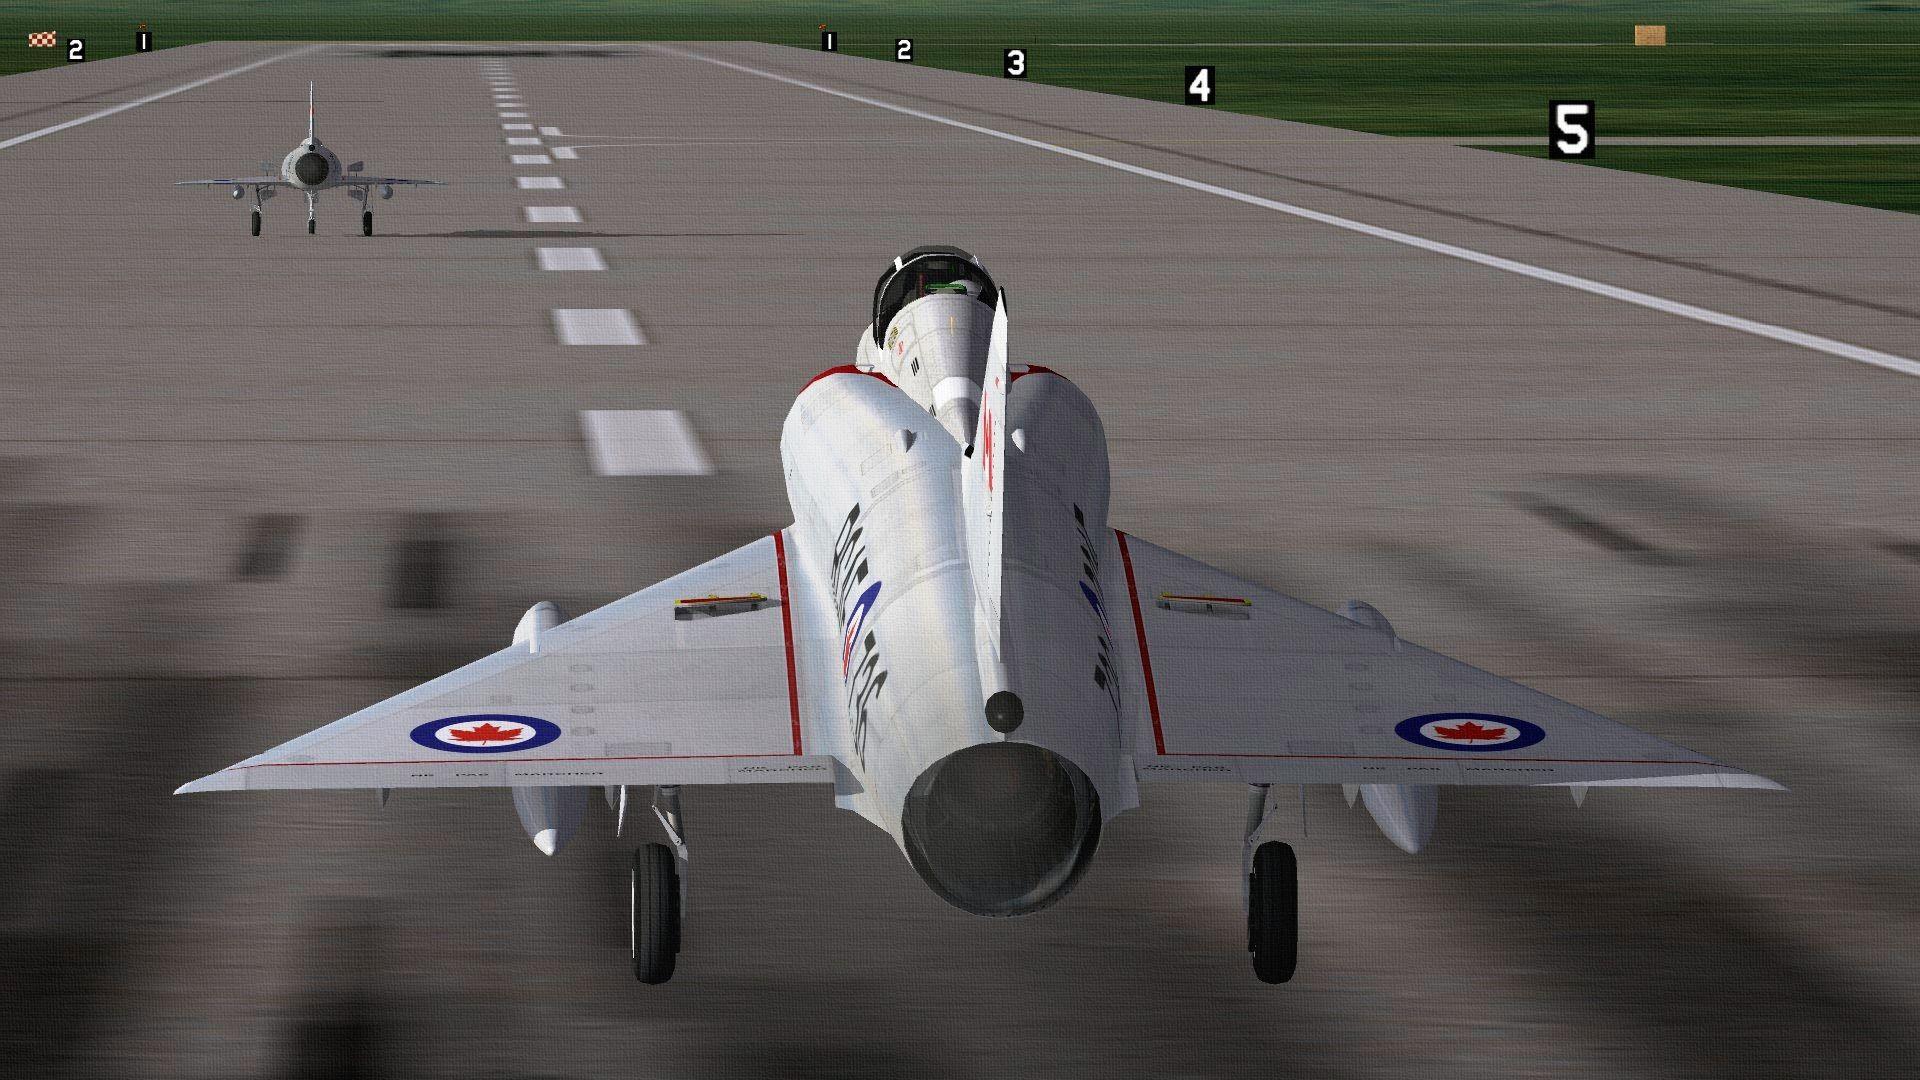 RCAF%20MIRAGE%203B.04_zpsal1rnafw.jpg